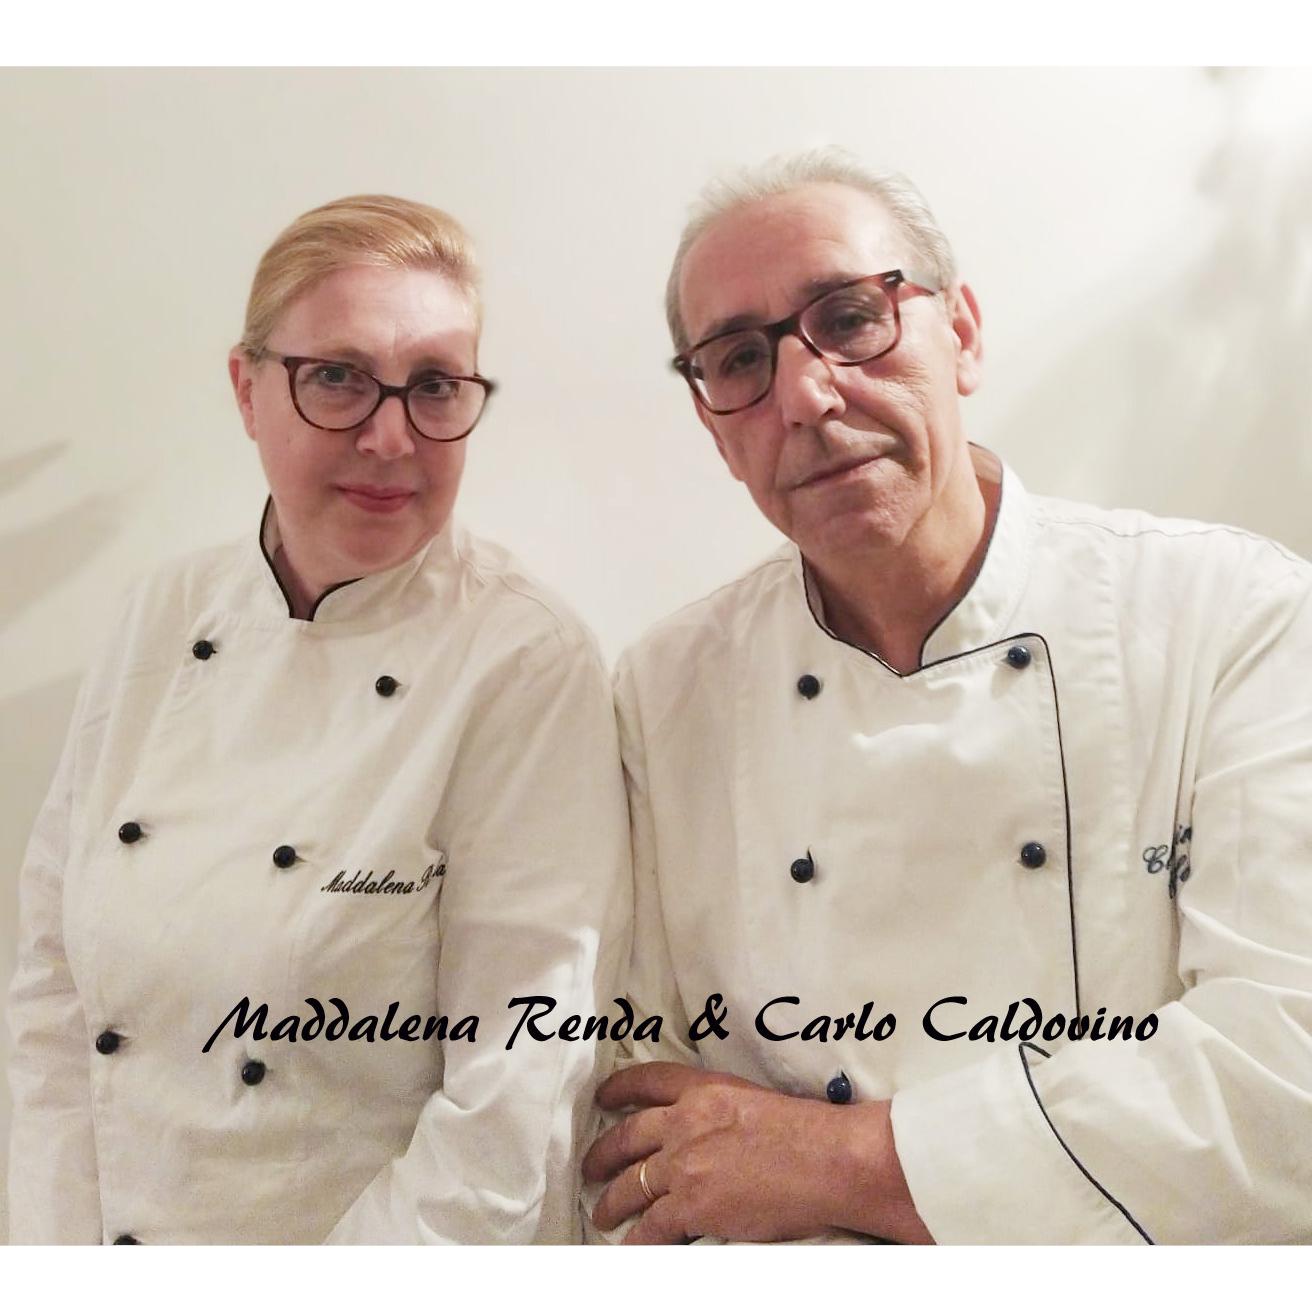 Maddalena Renda e Carlo Caldovino